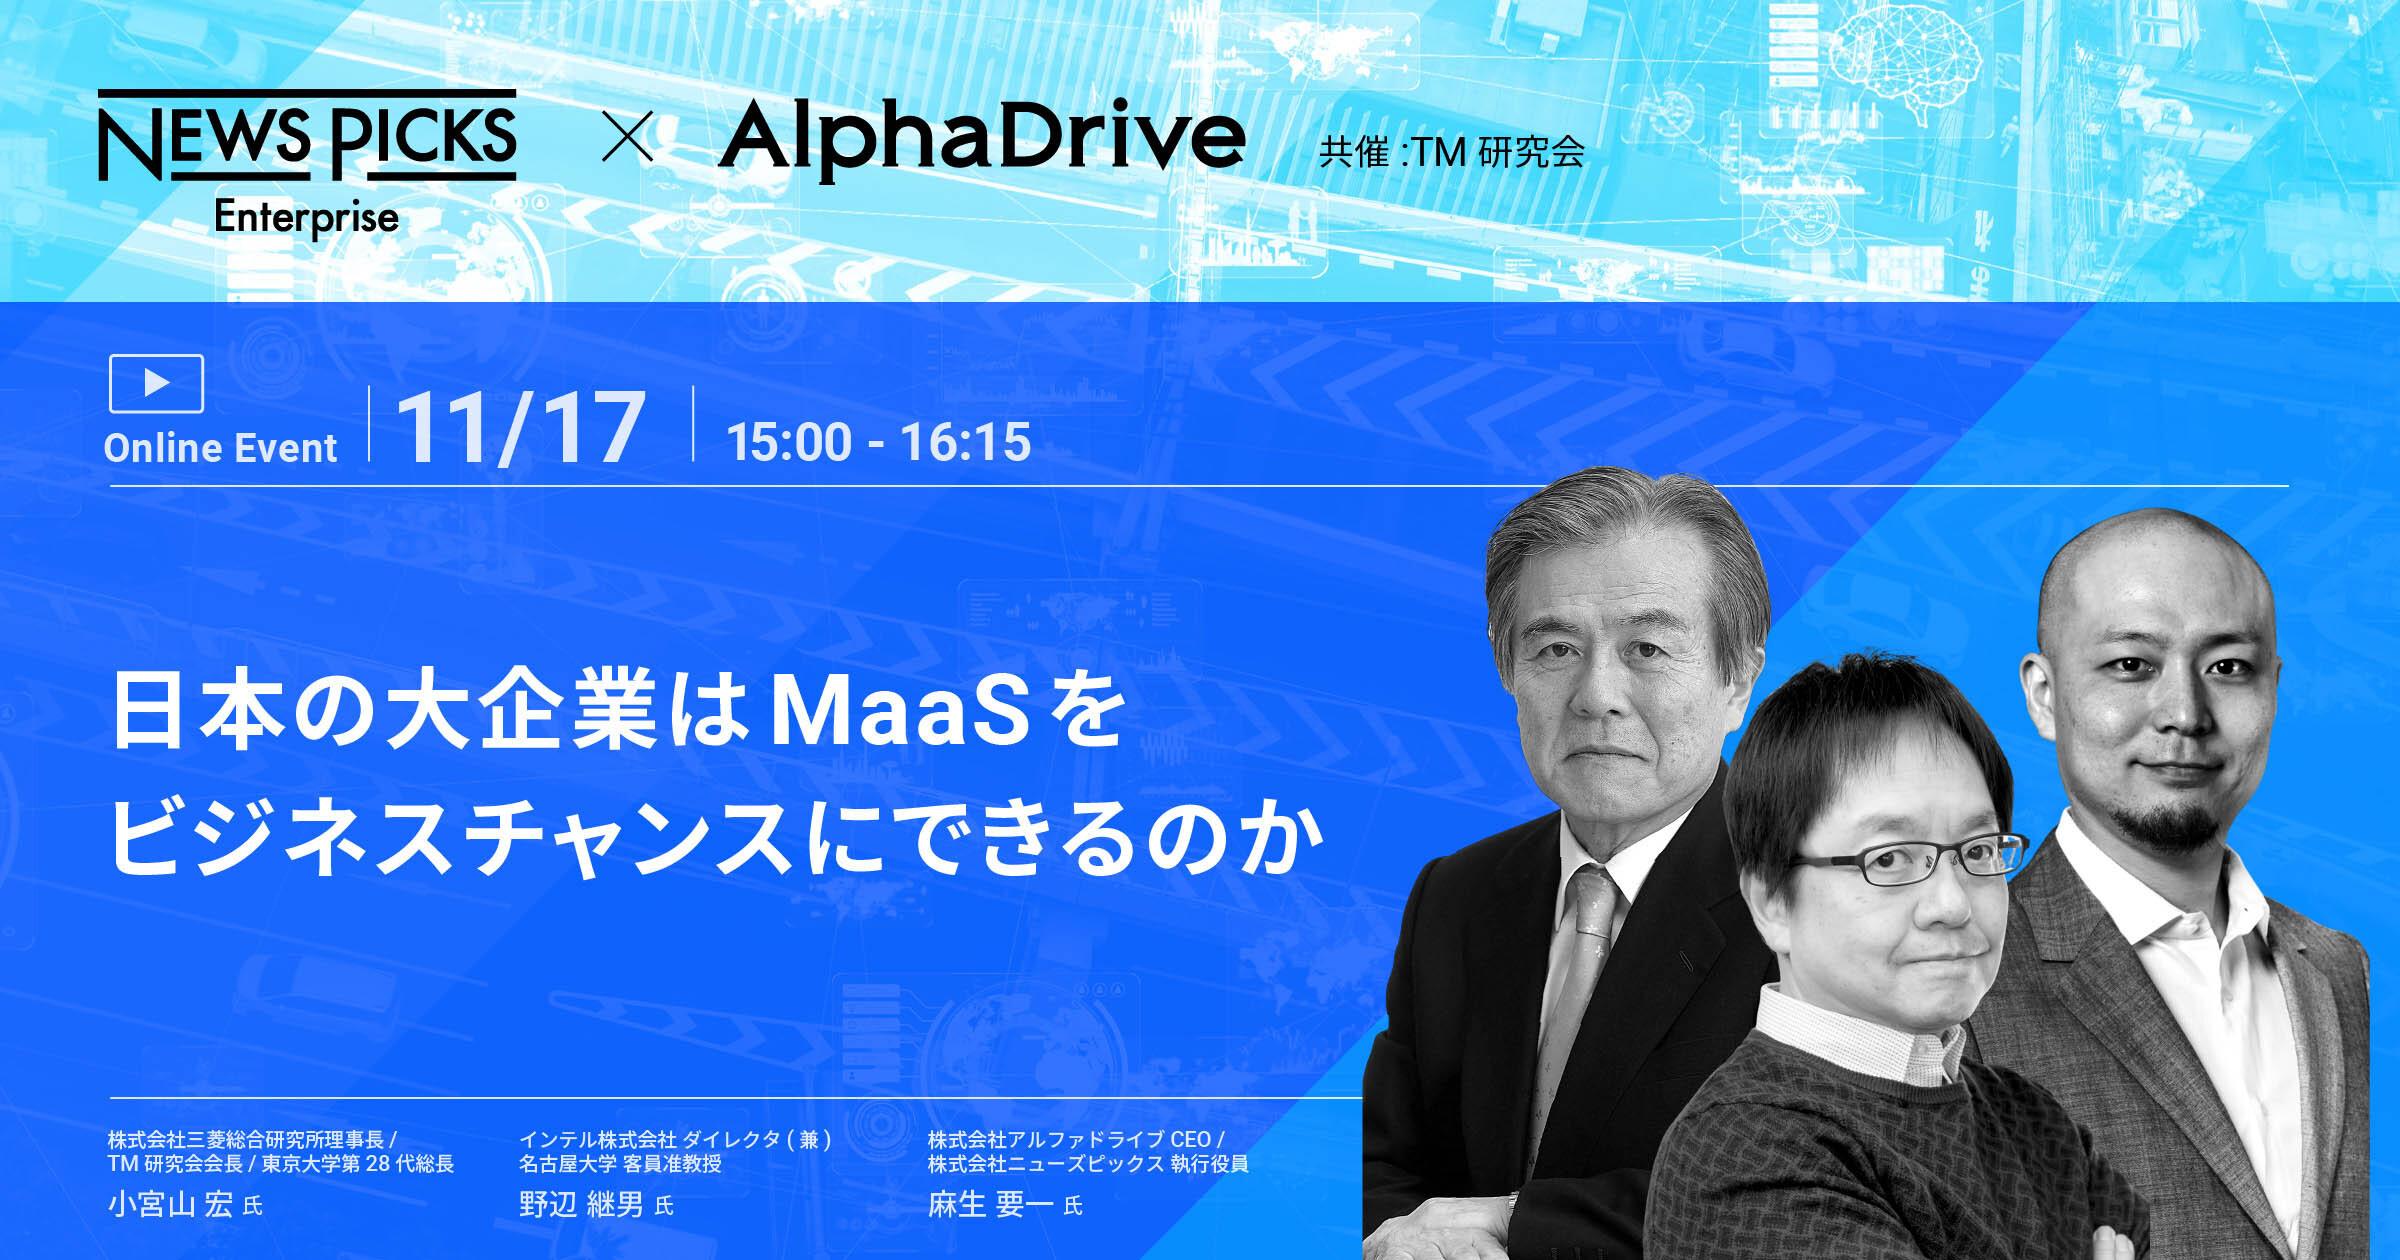 日本の大企業は MaaSをビジネスチャンスにできるのか